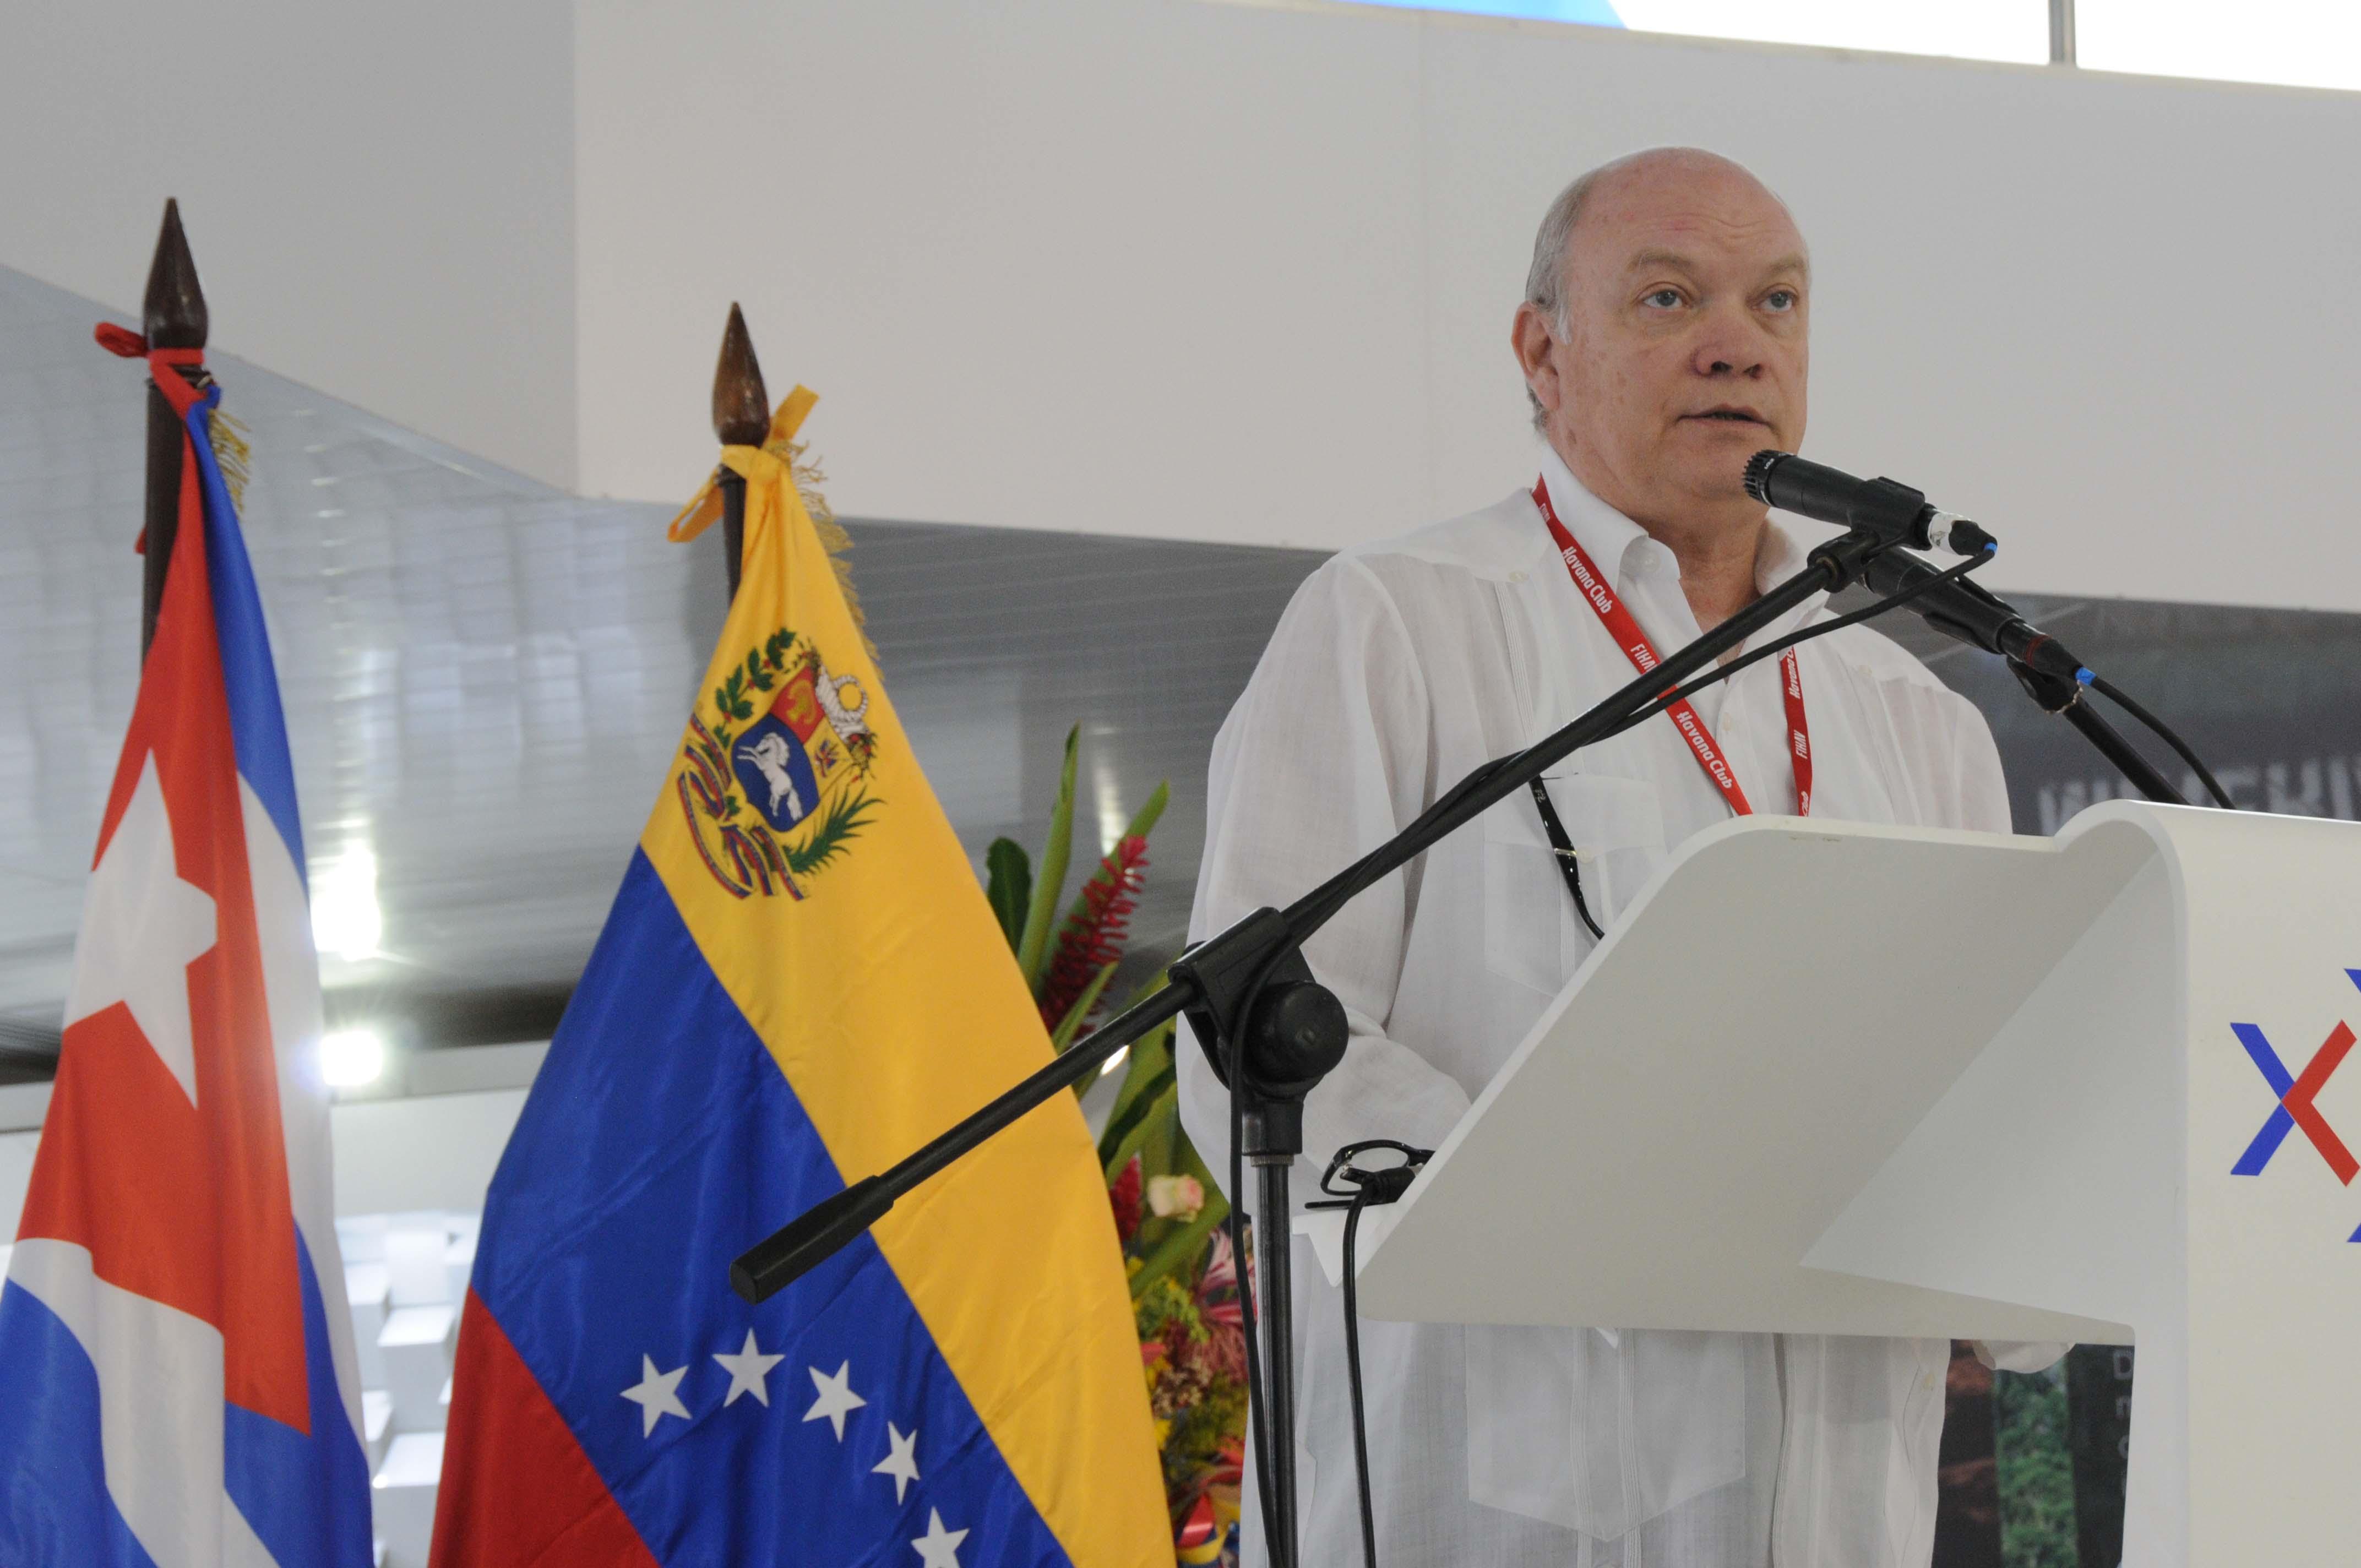 Cuba and Venezuela come together at FIHAV 2018